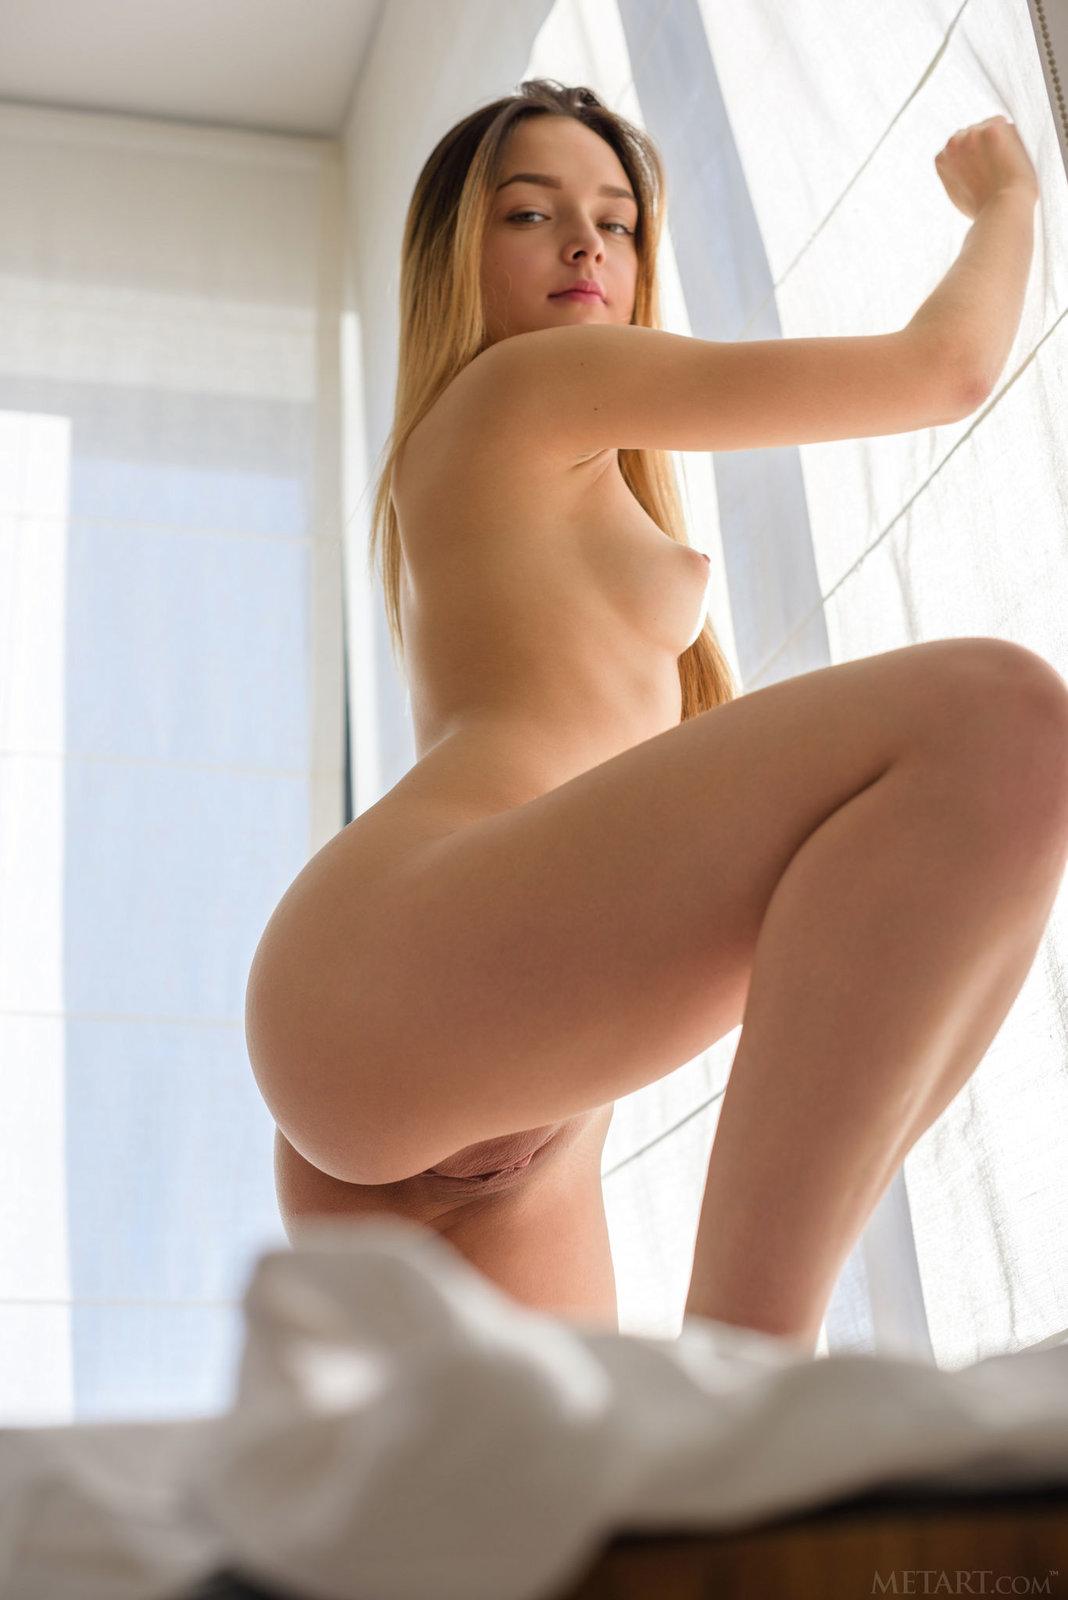 Erotica Slava nude photos 2019